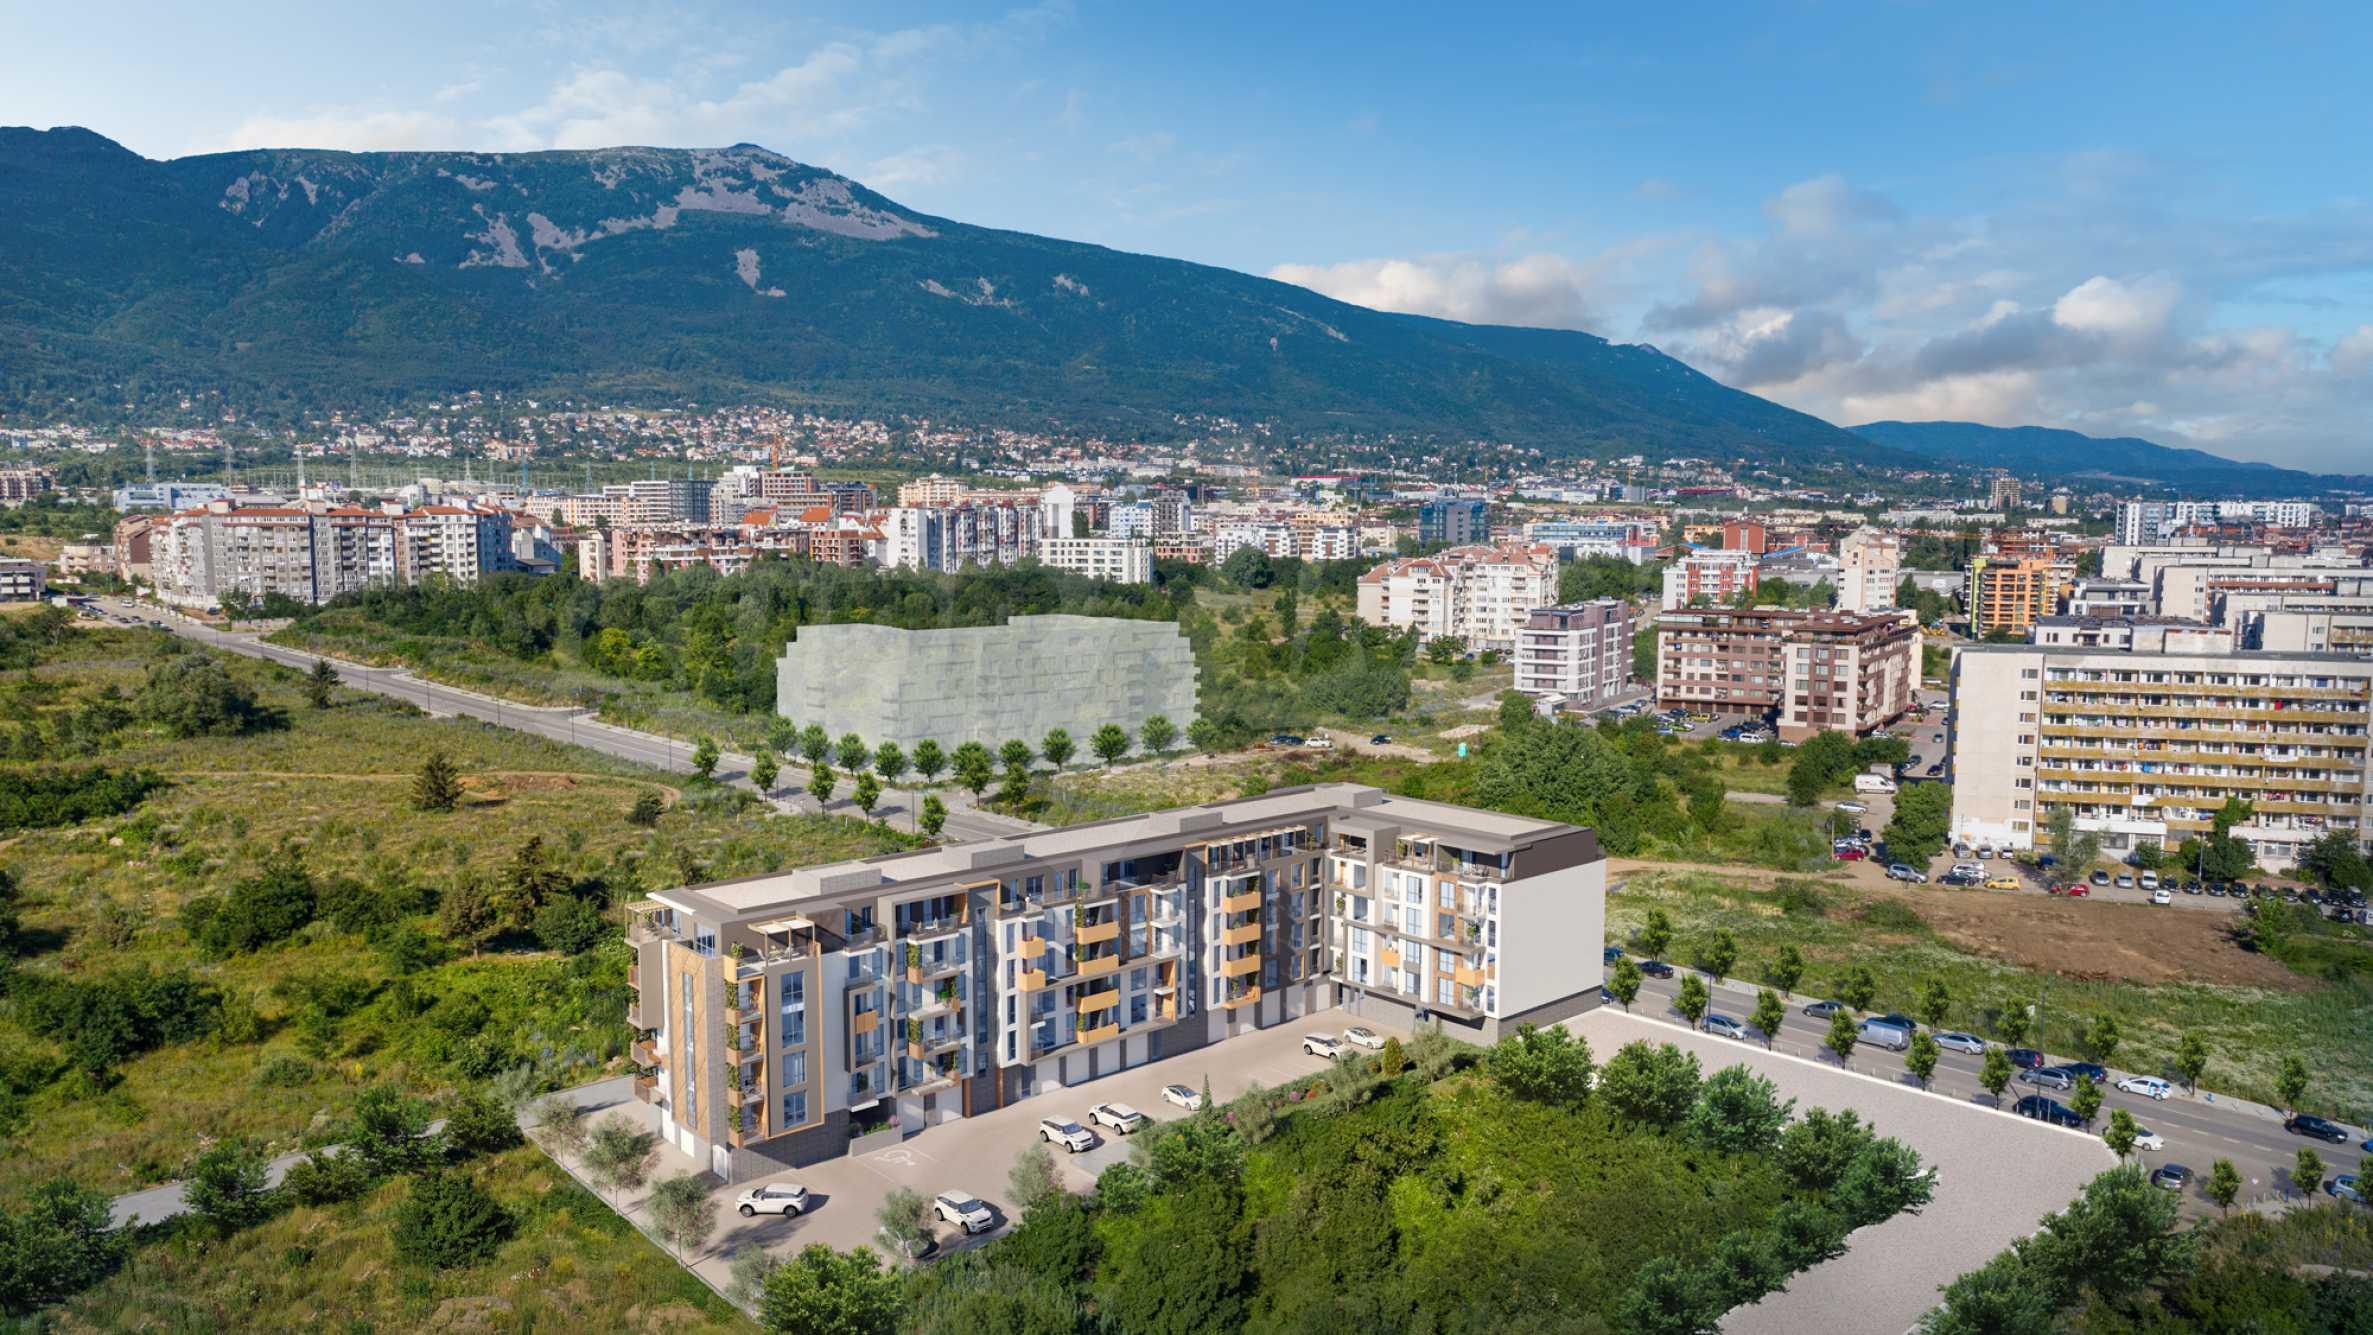 Ексклузивен комплекс на отлична локация в близост до бъдеща метростанция  1